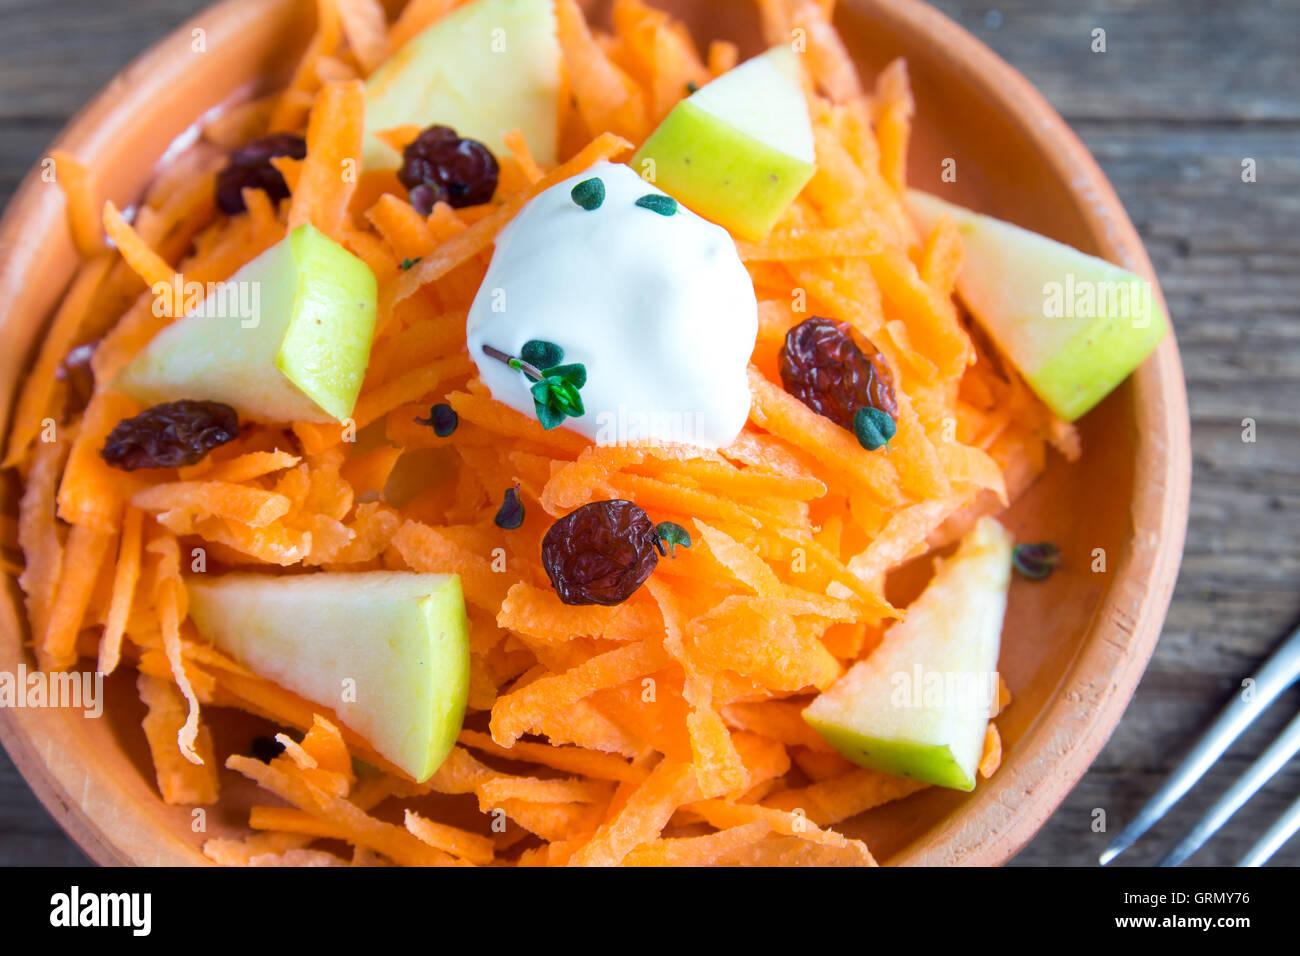 Ensalada de manzana y zanahoria con pasas, el yogur y las hierbas en el cuenco de cerámica rústica cerrar Imagen De Stock